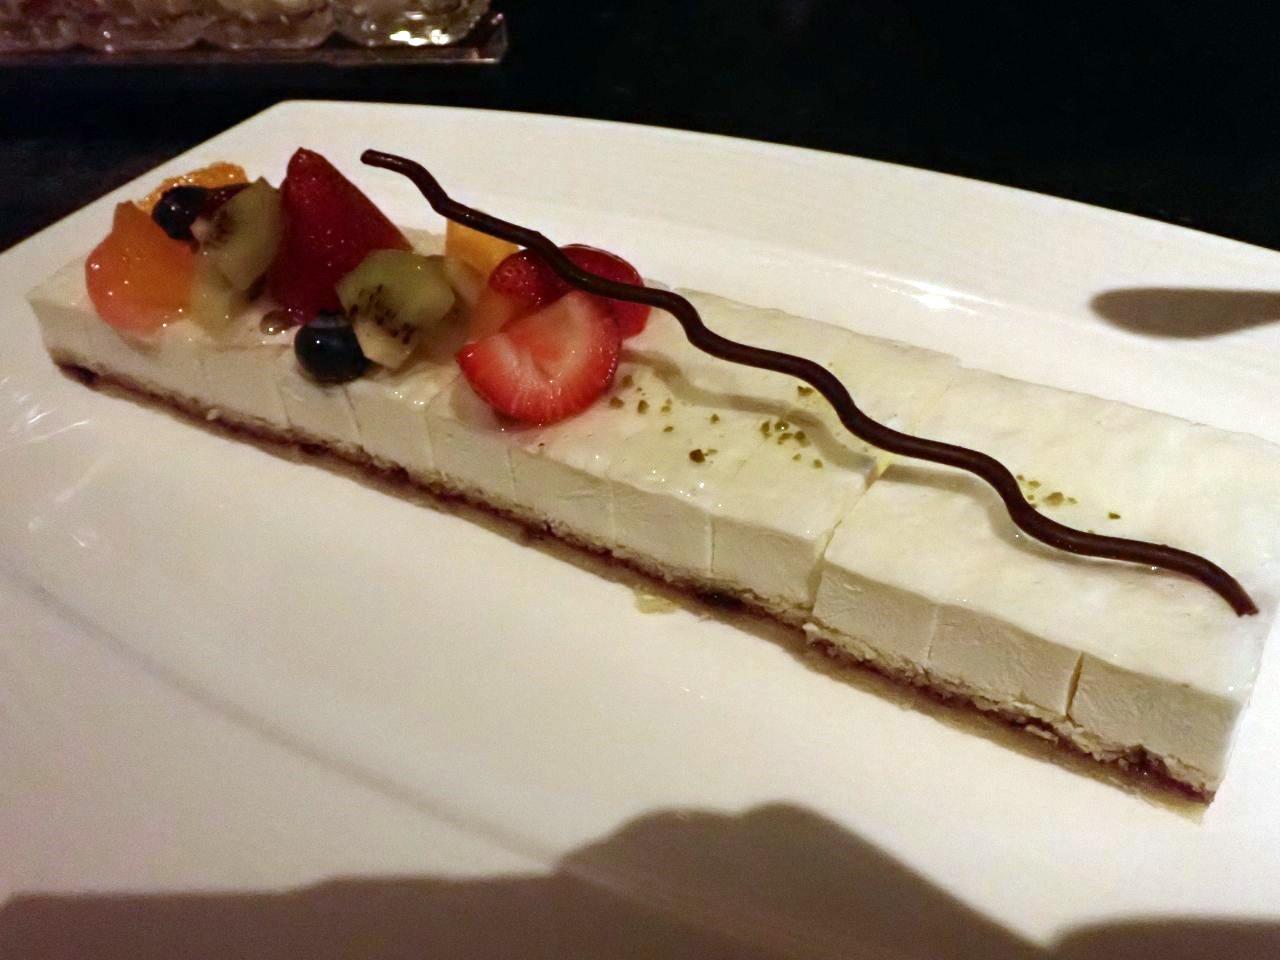 レリエルプリモニション ブルーベリージャムとヨーグルトムースのケーキ